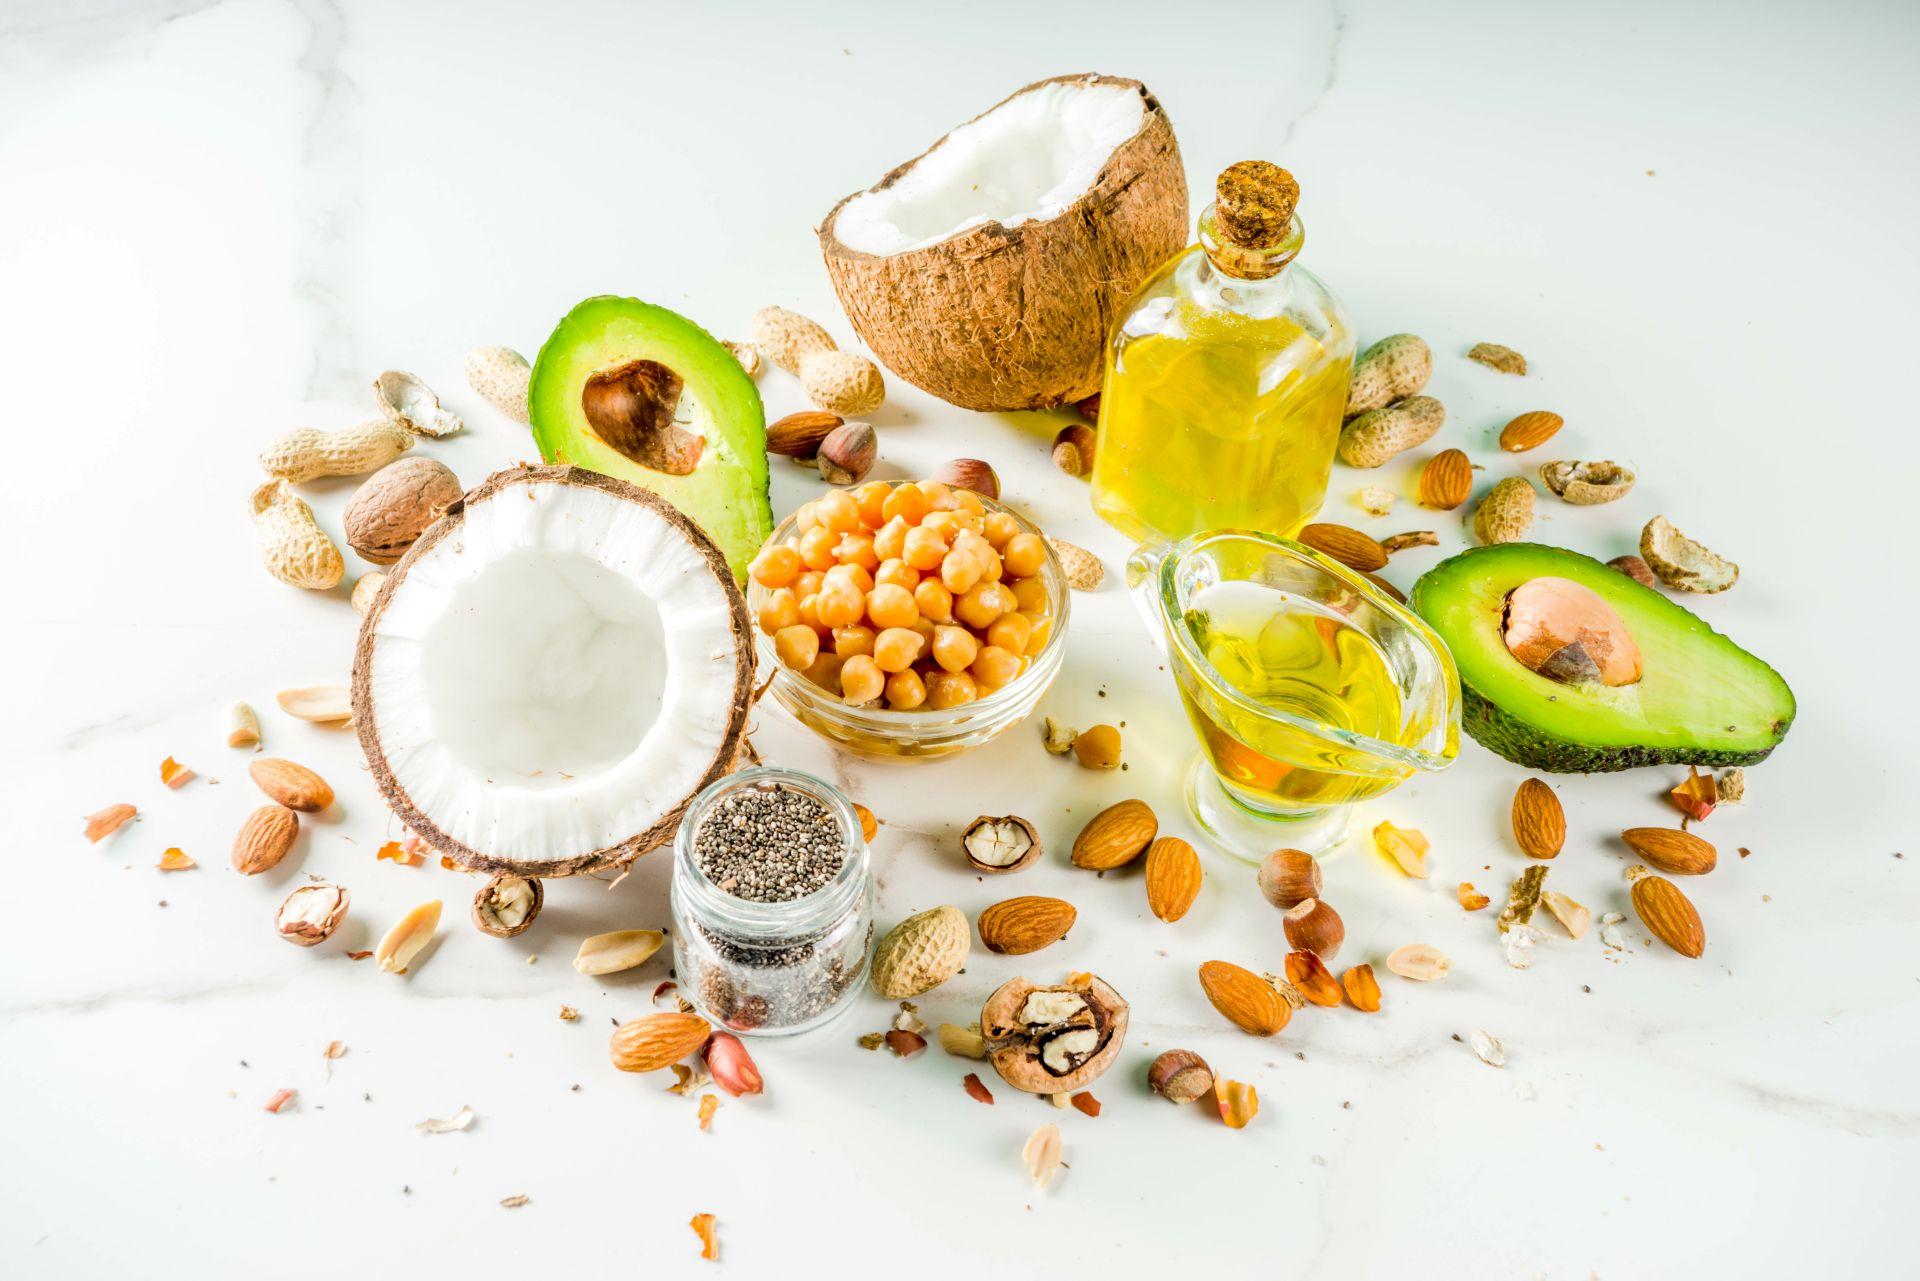 Żywność funkcjonalna w diecie dla seniora - zadbaj o zbilansowany jadłospis oparty na wartościowych składnikach odżywczych wspierających pracę serca, obniżanie cholesterolu i dobrą kondycję fizyczną oraz psychiczną. Połącz dietę i ćwiczenia dla osób starszych i ciesz się zdrowiem!